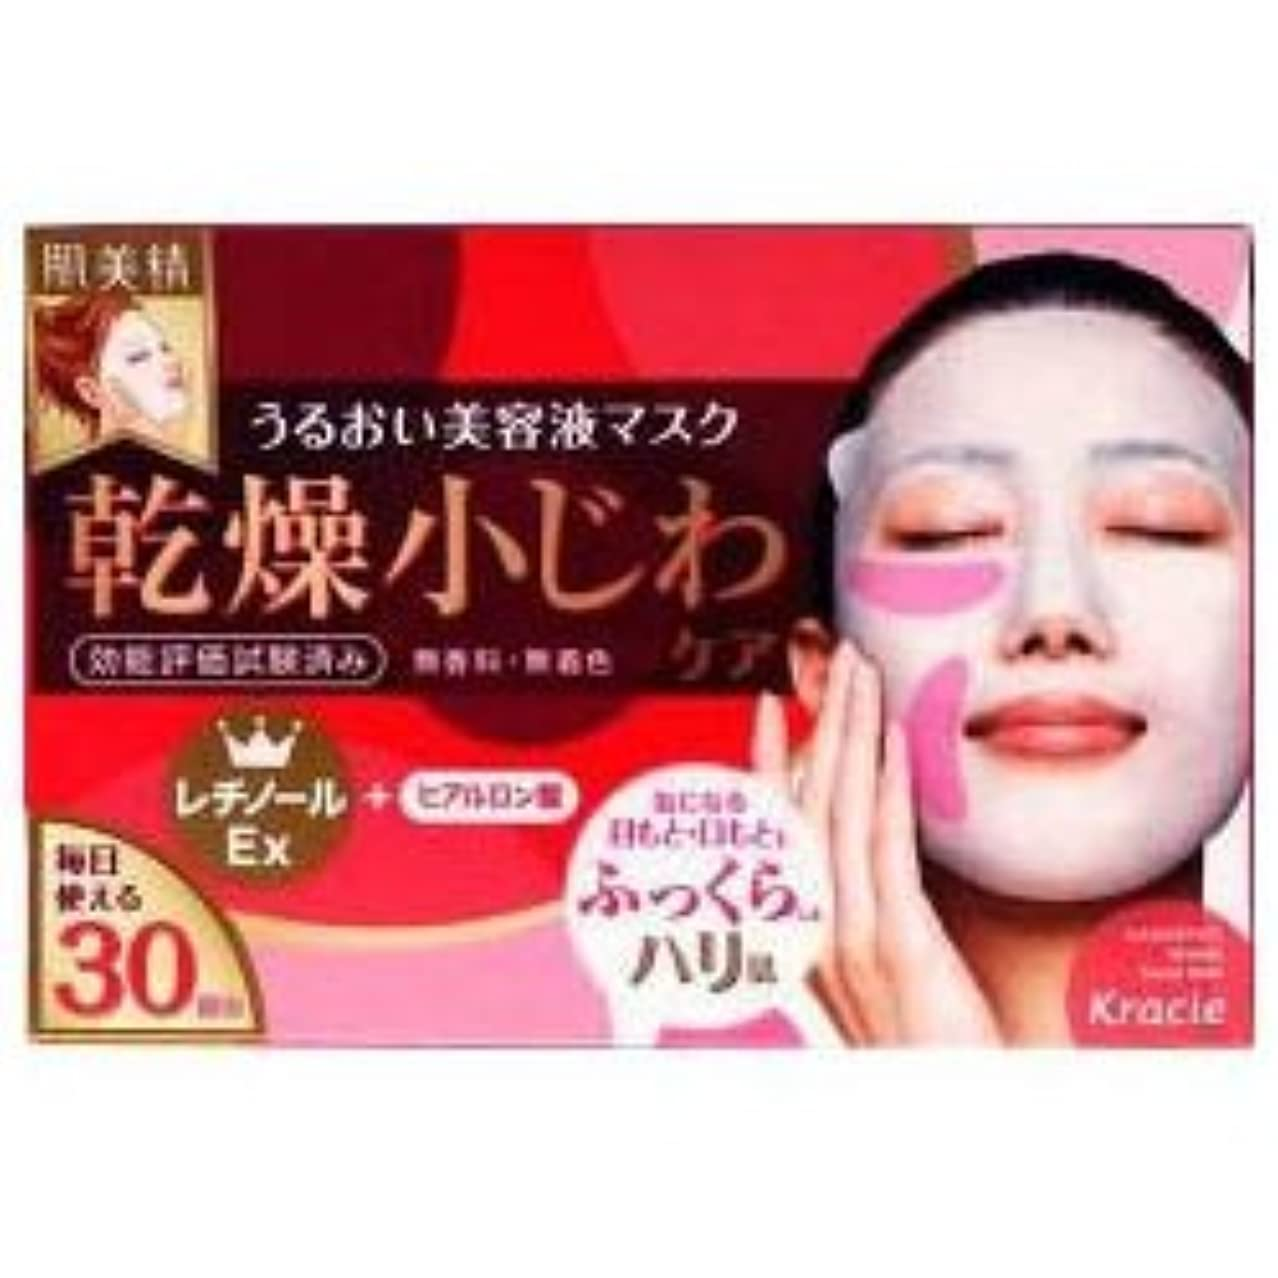 感度アプローチ短命【クラシエ】肌美精 デイリーリンクルケア美容液マスク 30枚 ×10個セット